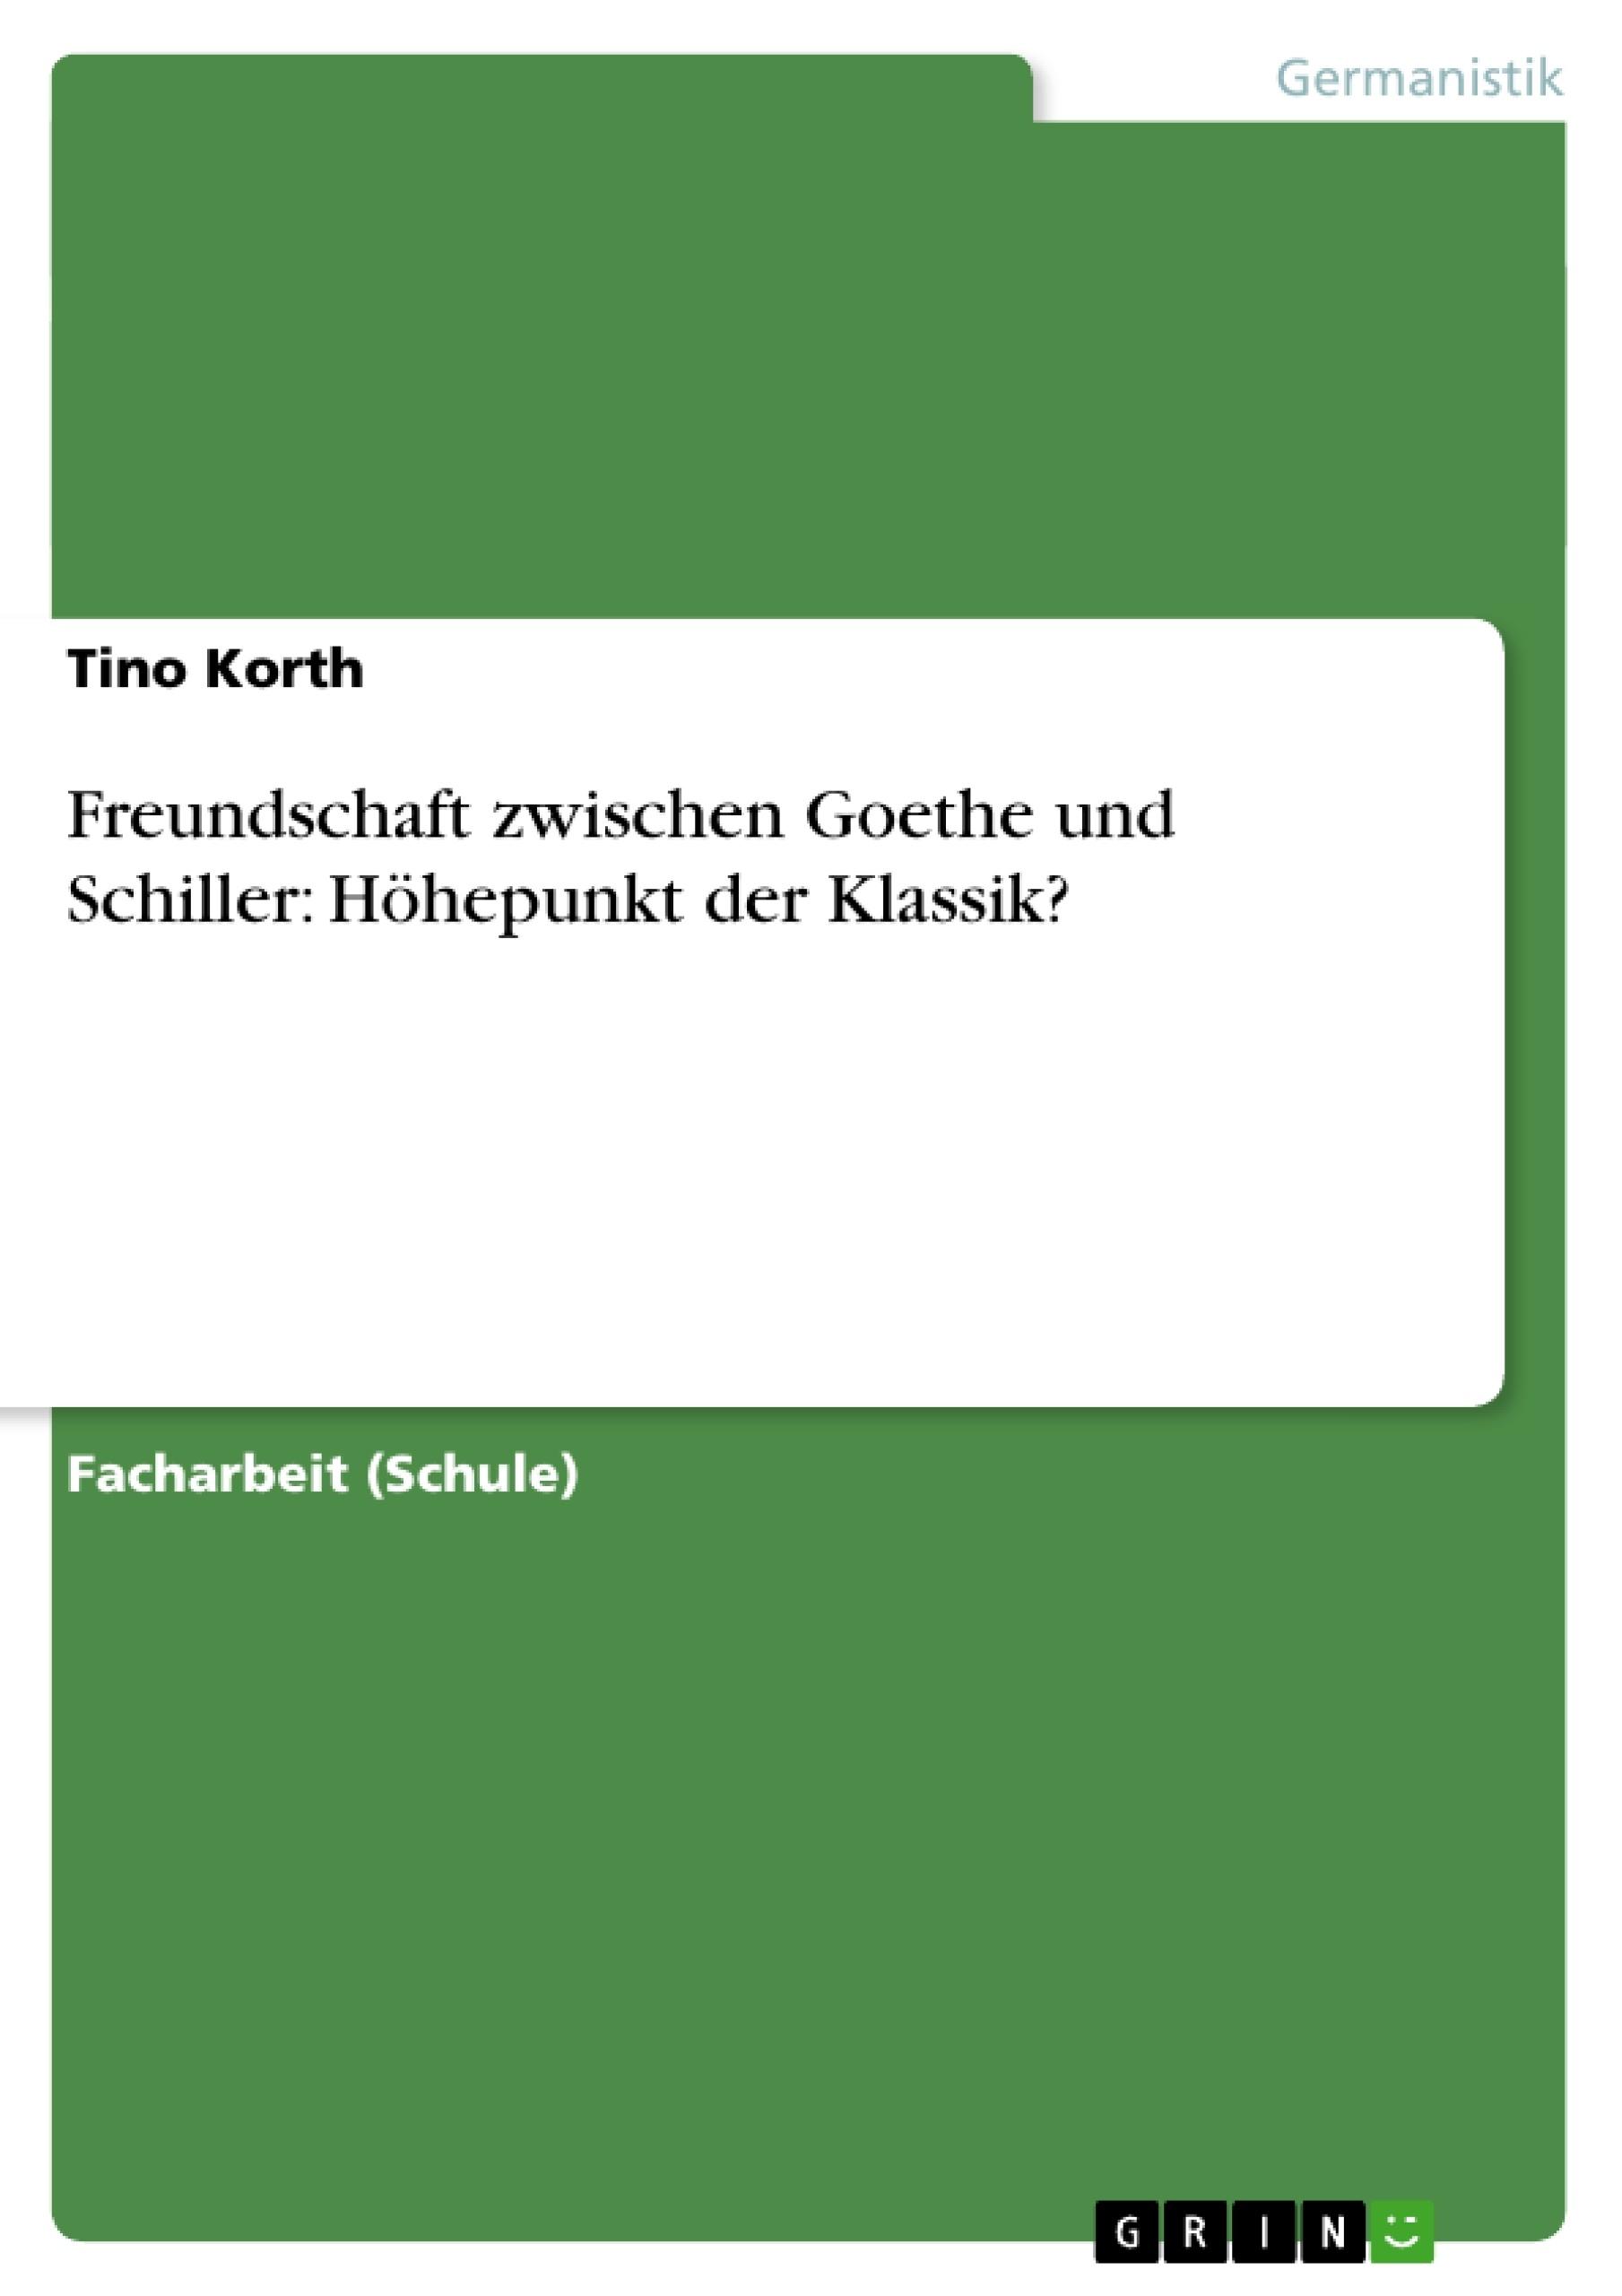 Titel: Freundschaft zwischen Goethe und Schiller: Höhepunkt der Klassik?